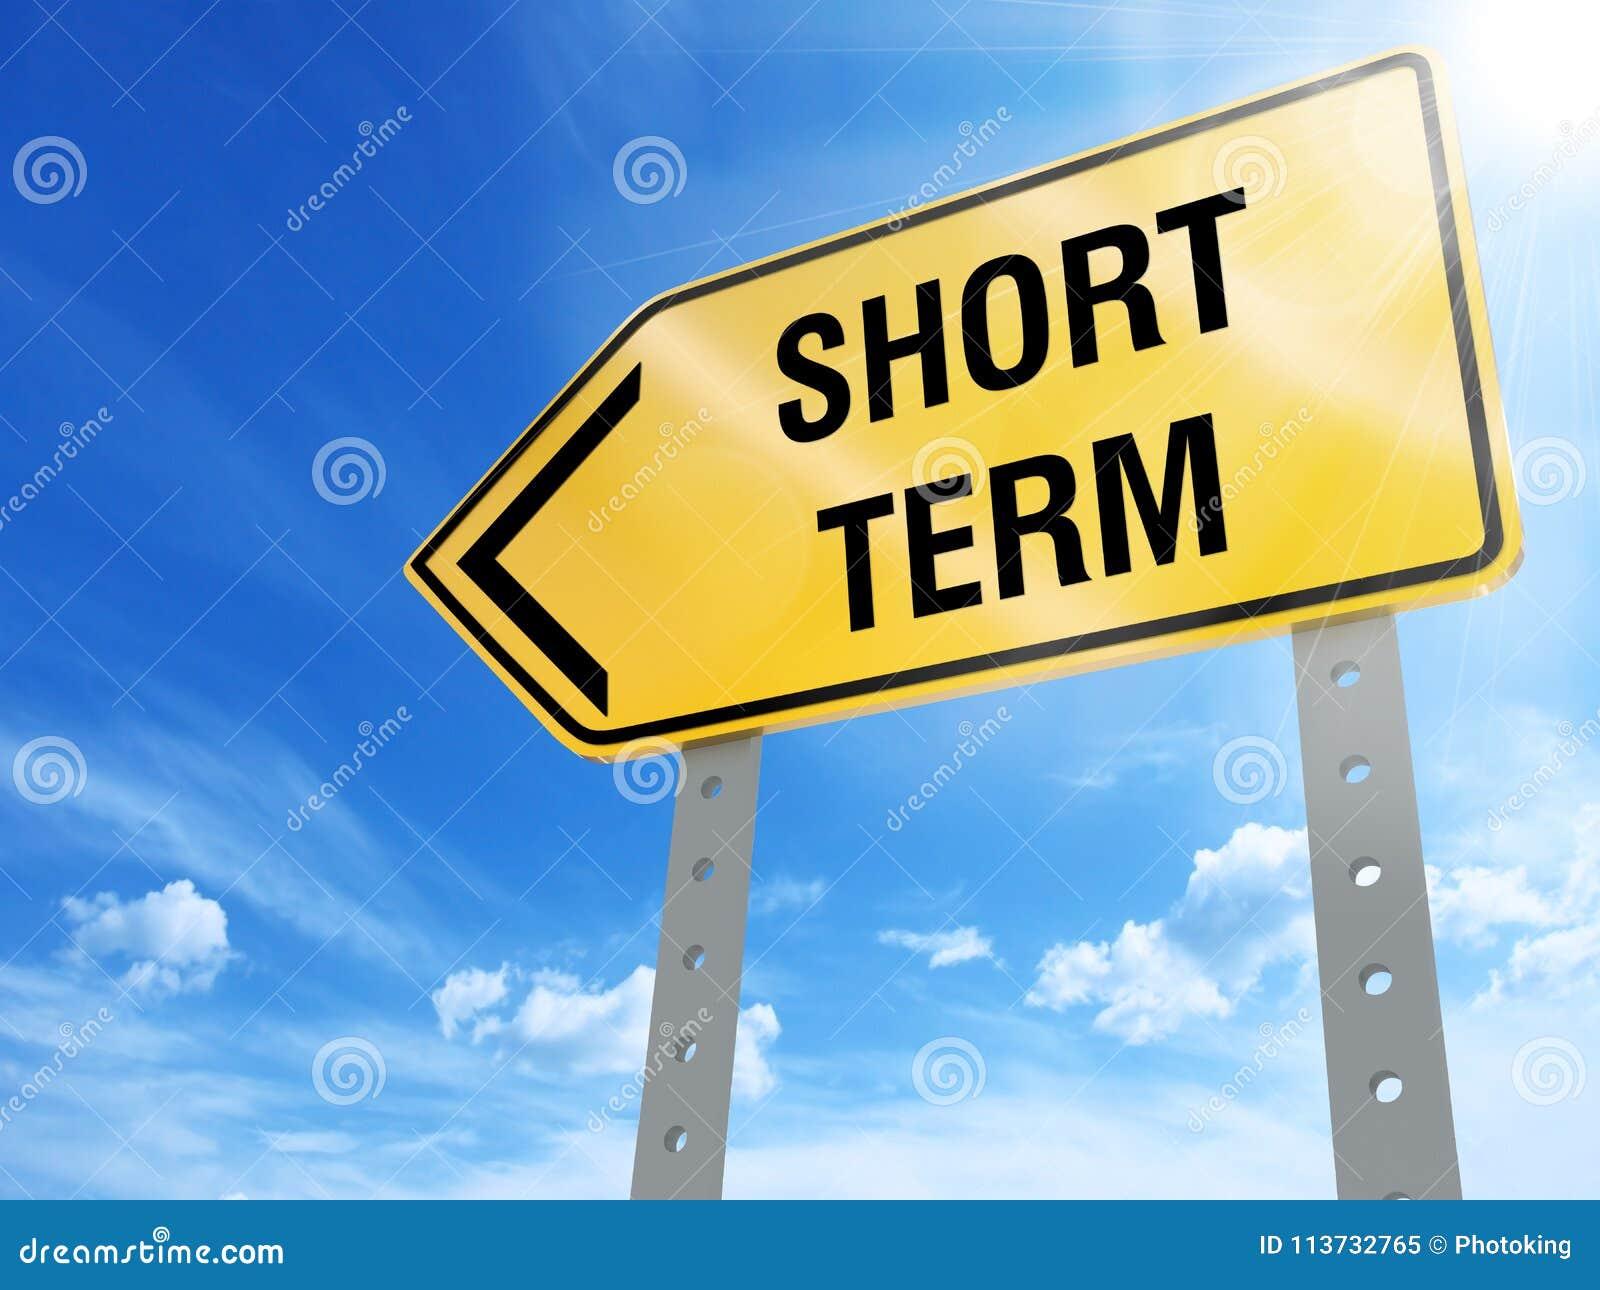 Short term sign